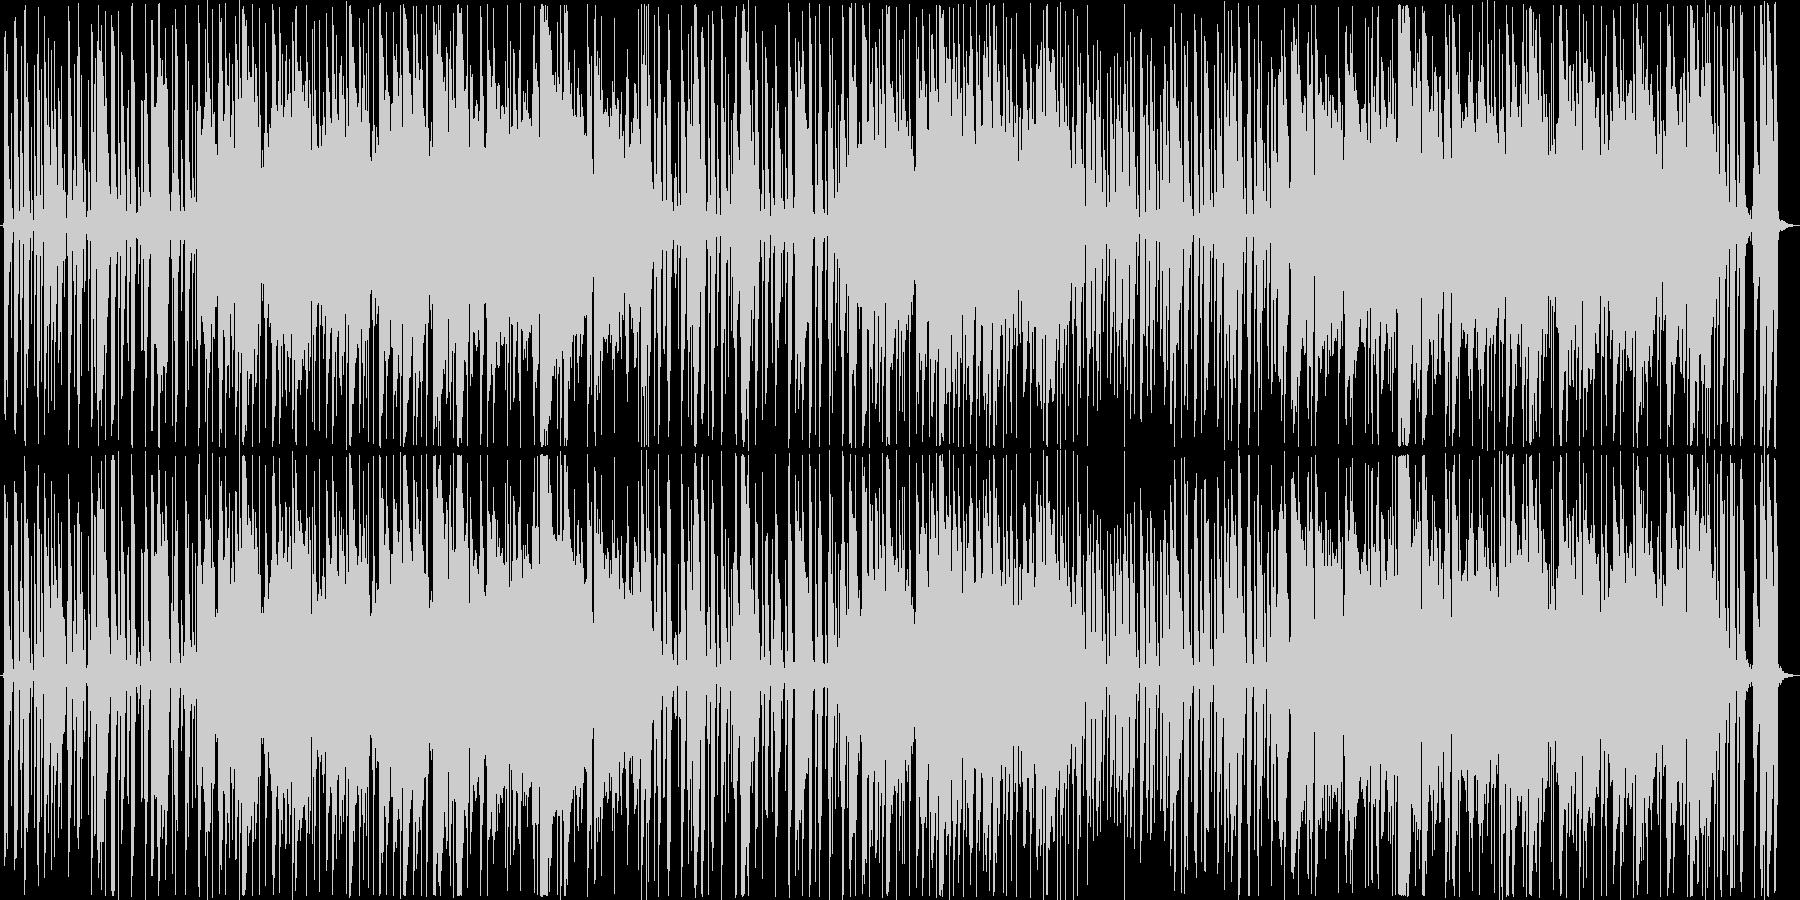 クールで落ち着いたジャズ風モダンサウンドの未再生の波形